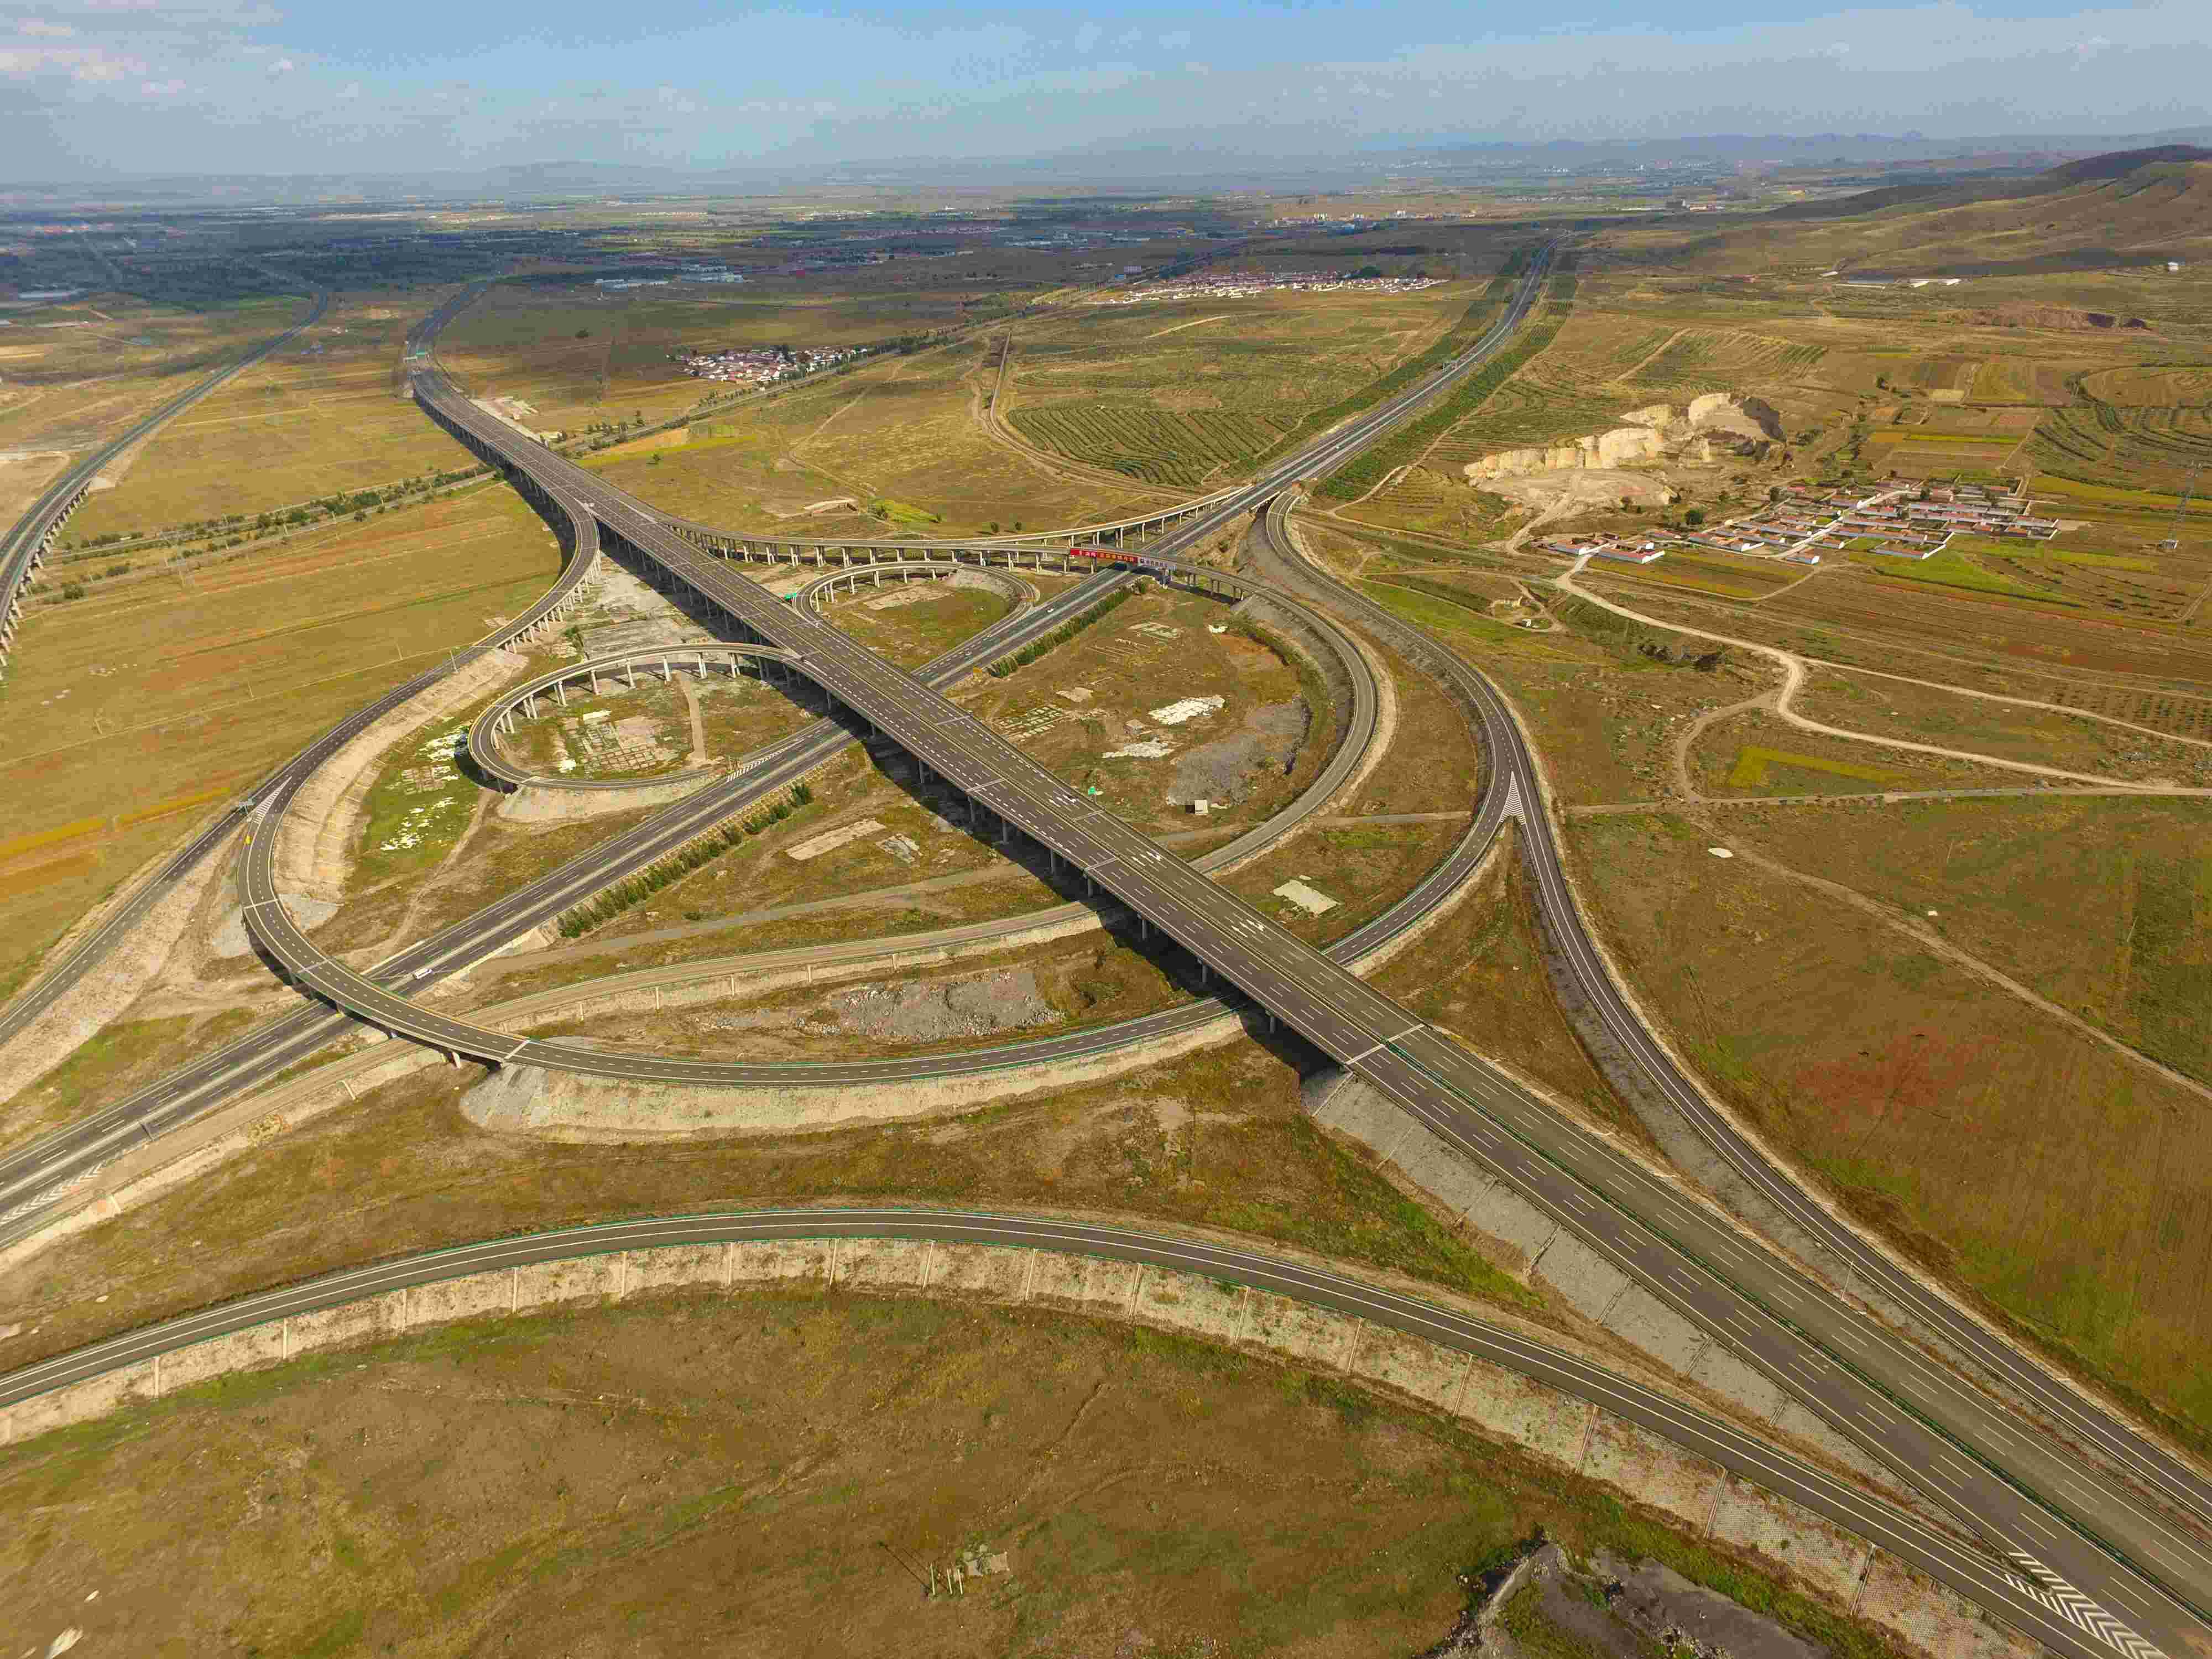 内蒙古京新高速公路